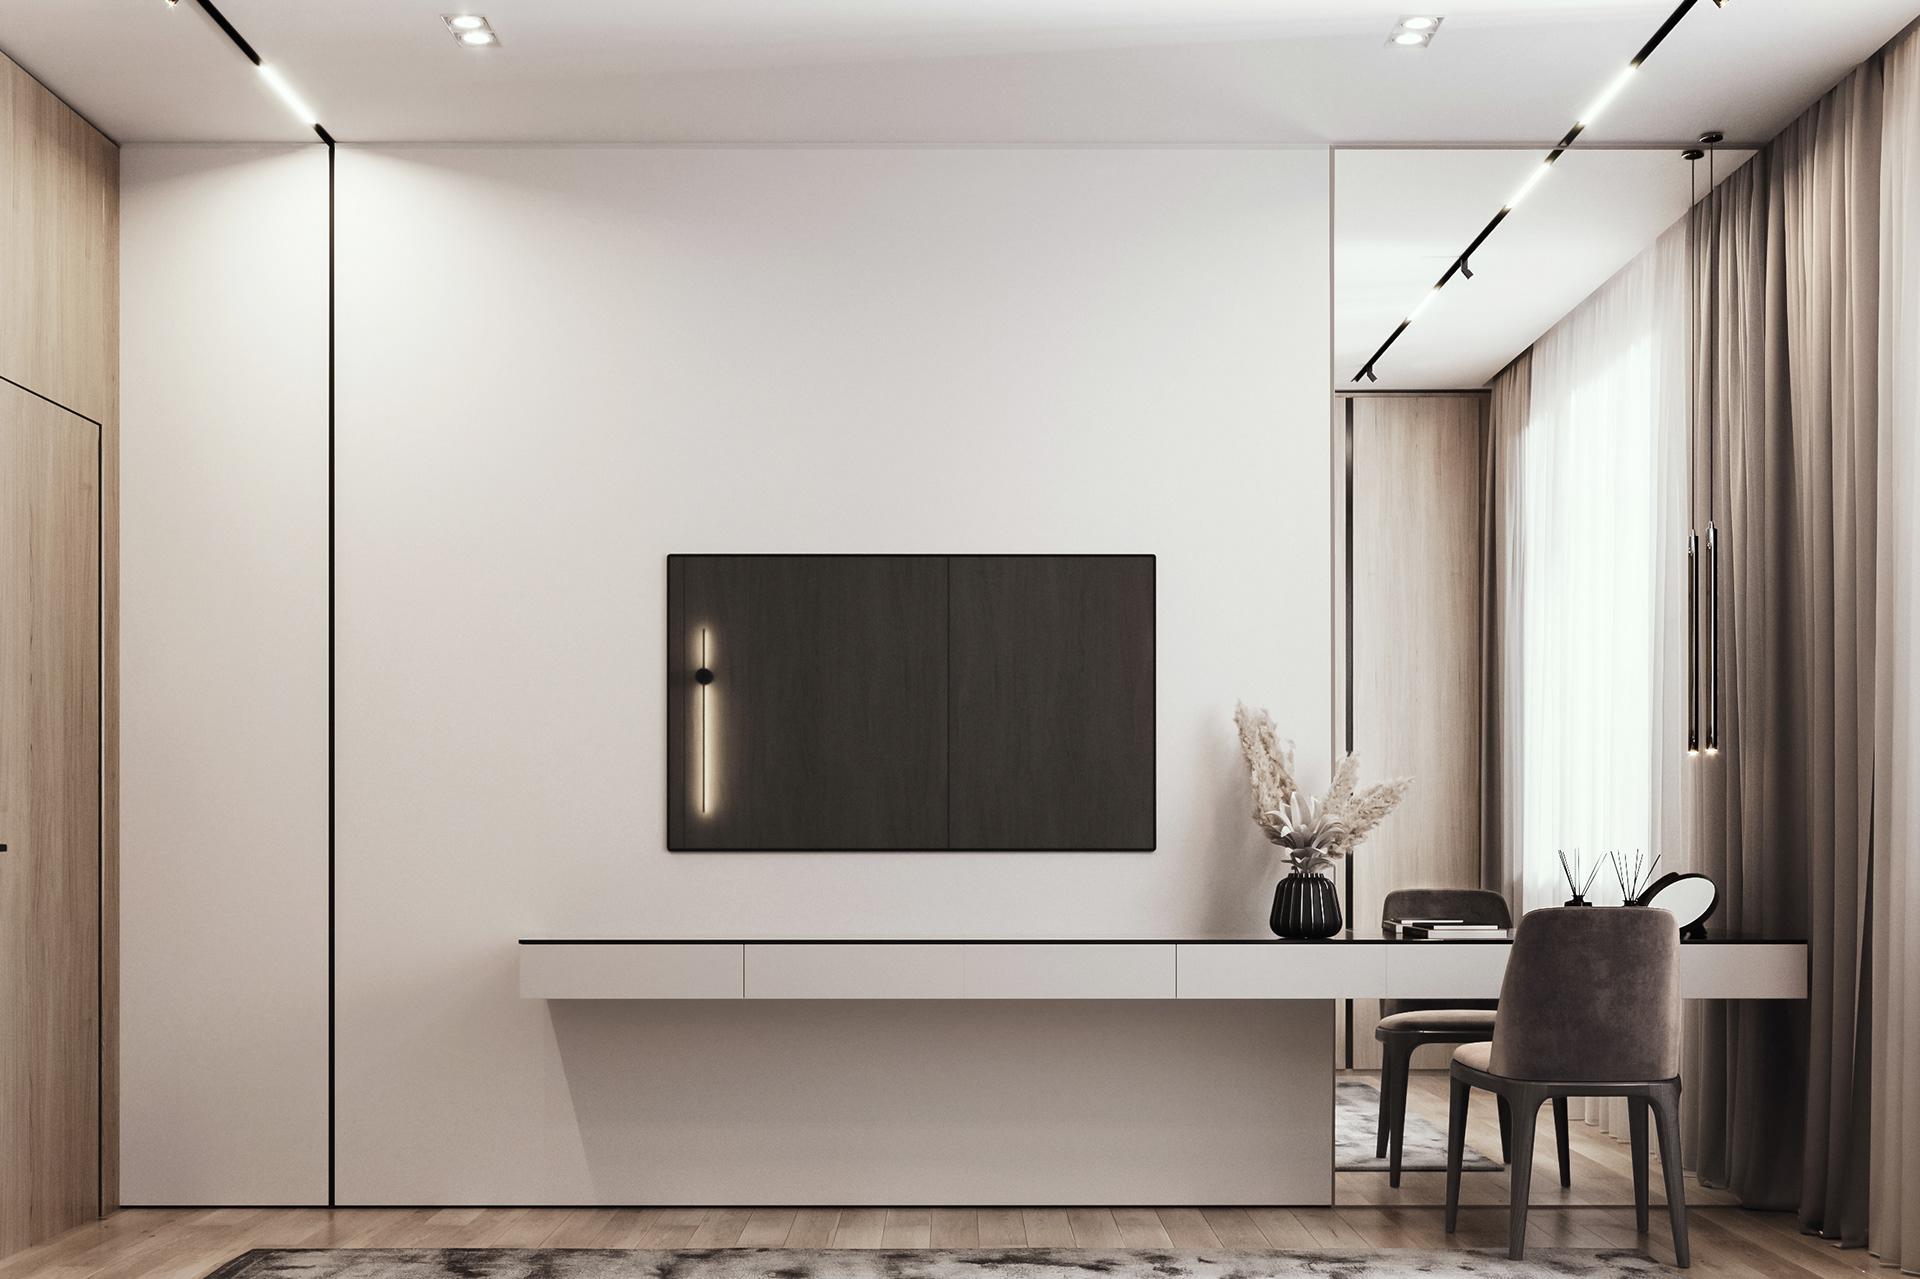 Kiến trúc sư tư vấn thiết kế căn hộ  50m² cho 3 người, chi phí tiết kiệm chỉ 114 triệu đồng - Ảnh 9.